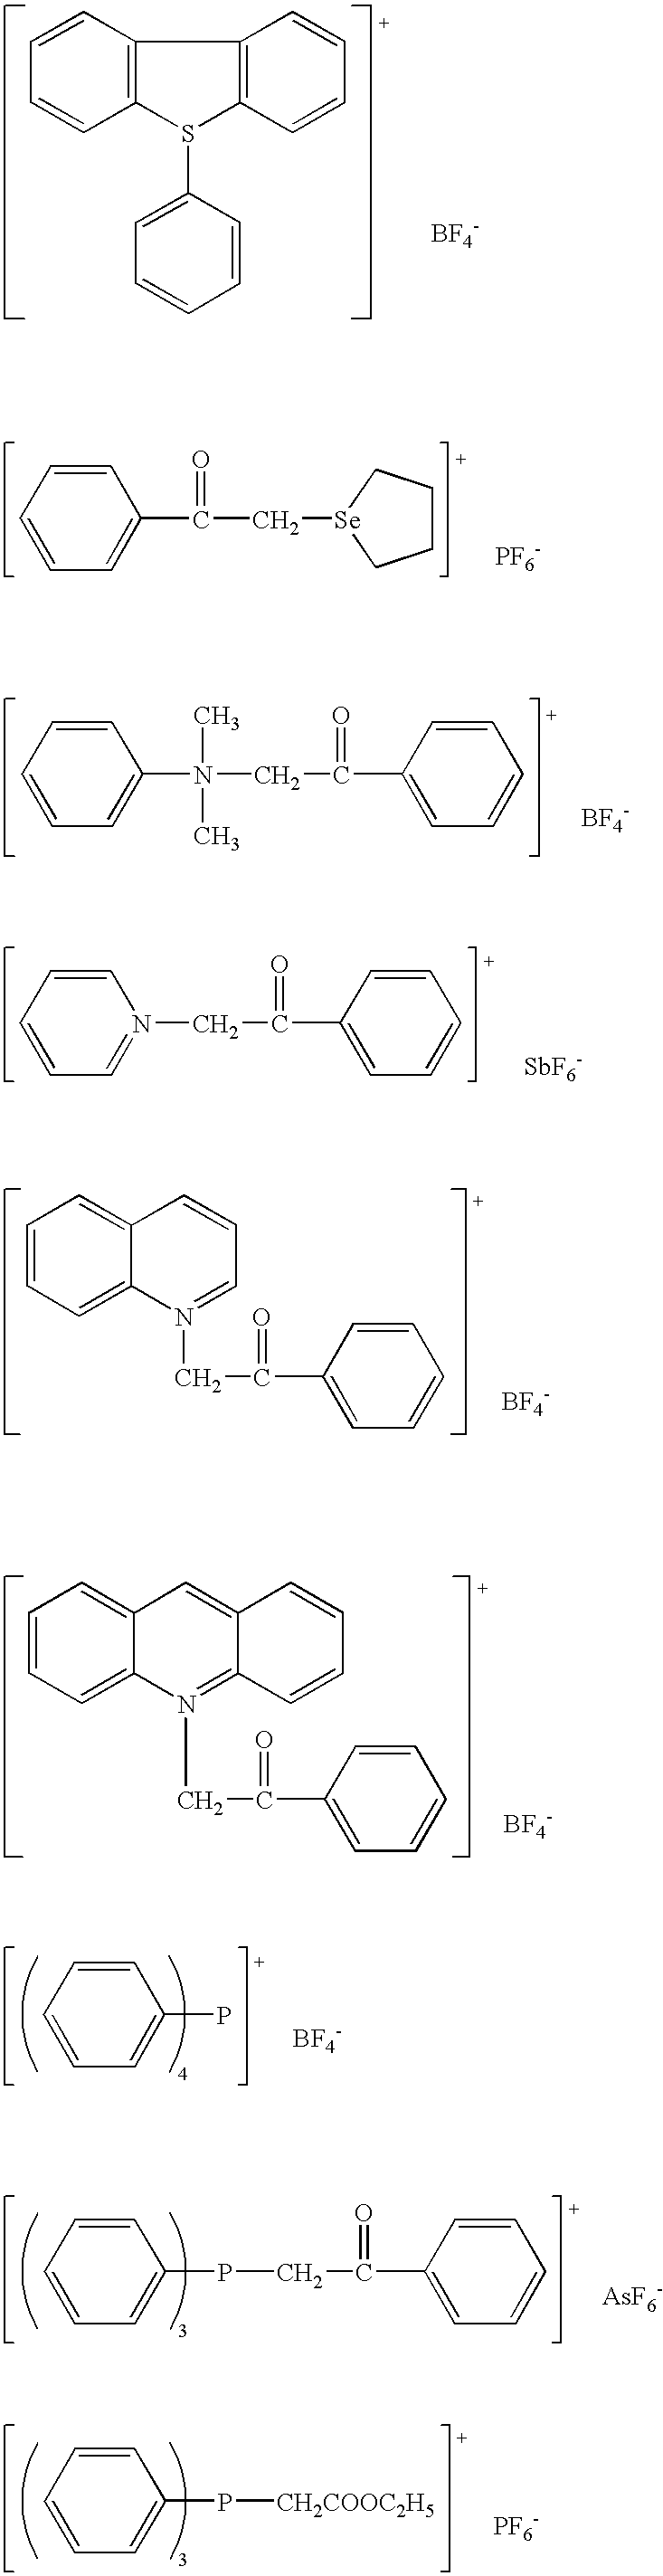 Figure US20070212641A1-20070913-C00026